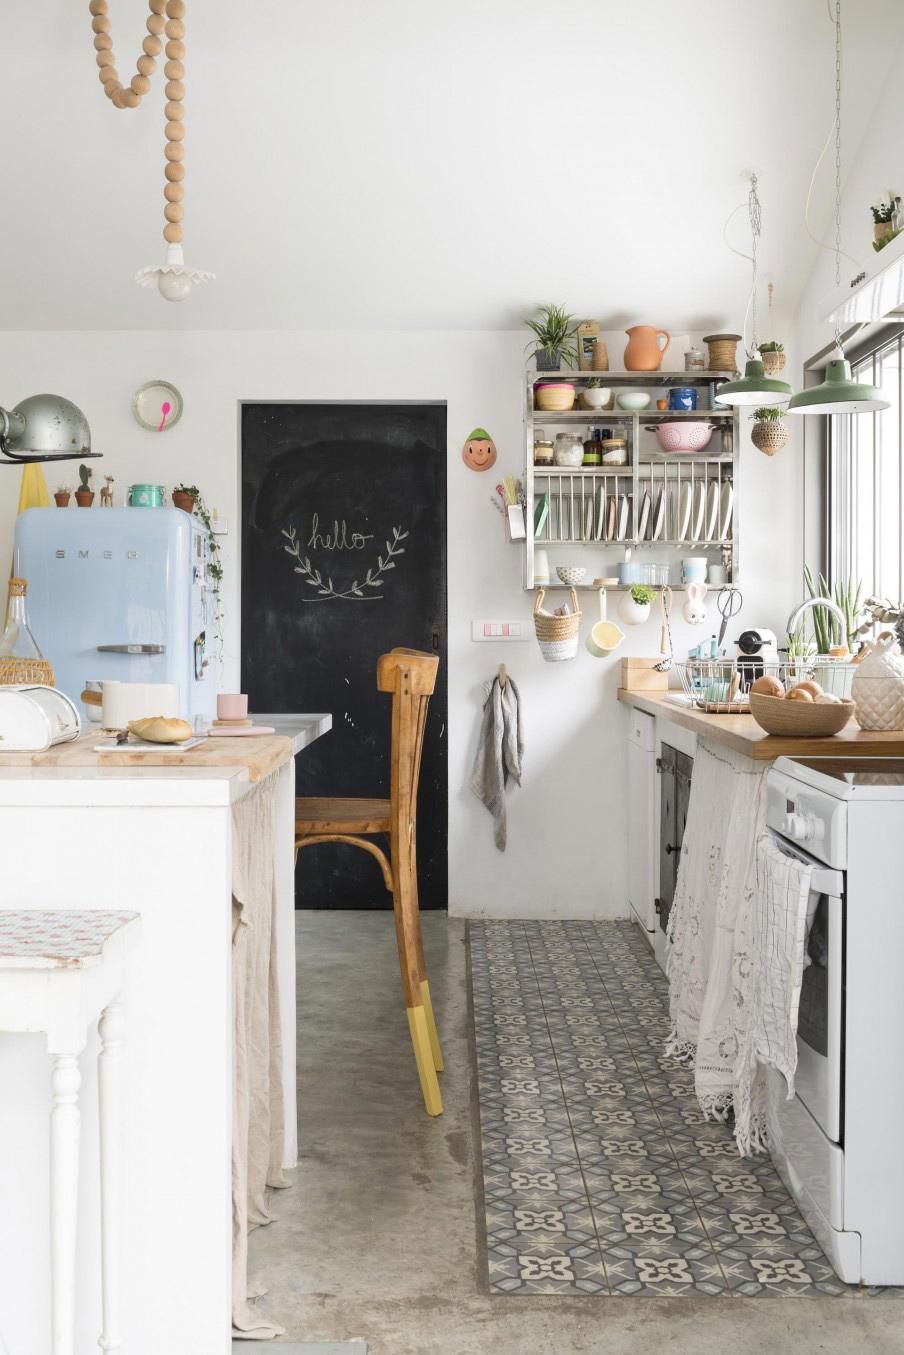 les indispensables pour une cuisine fonctionnelle - blueberry home